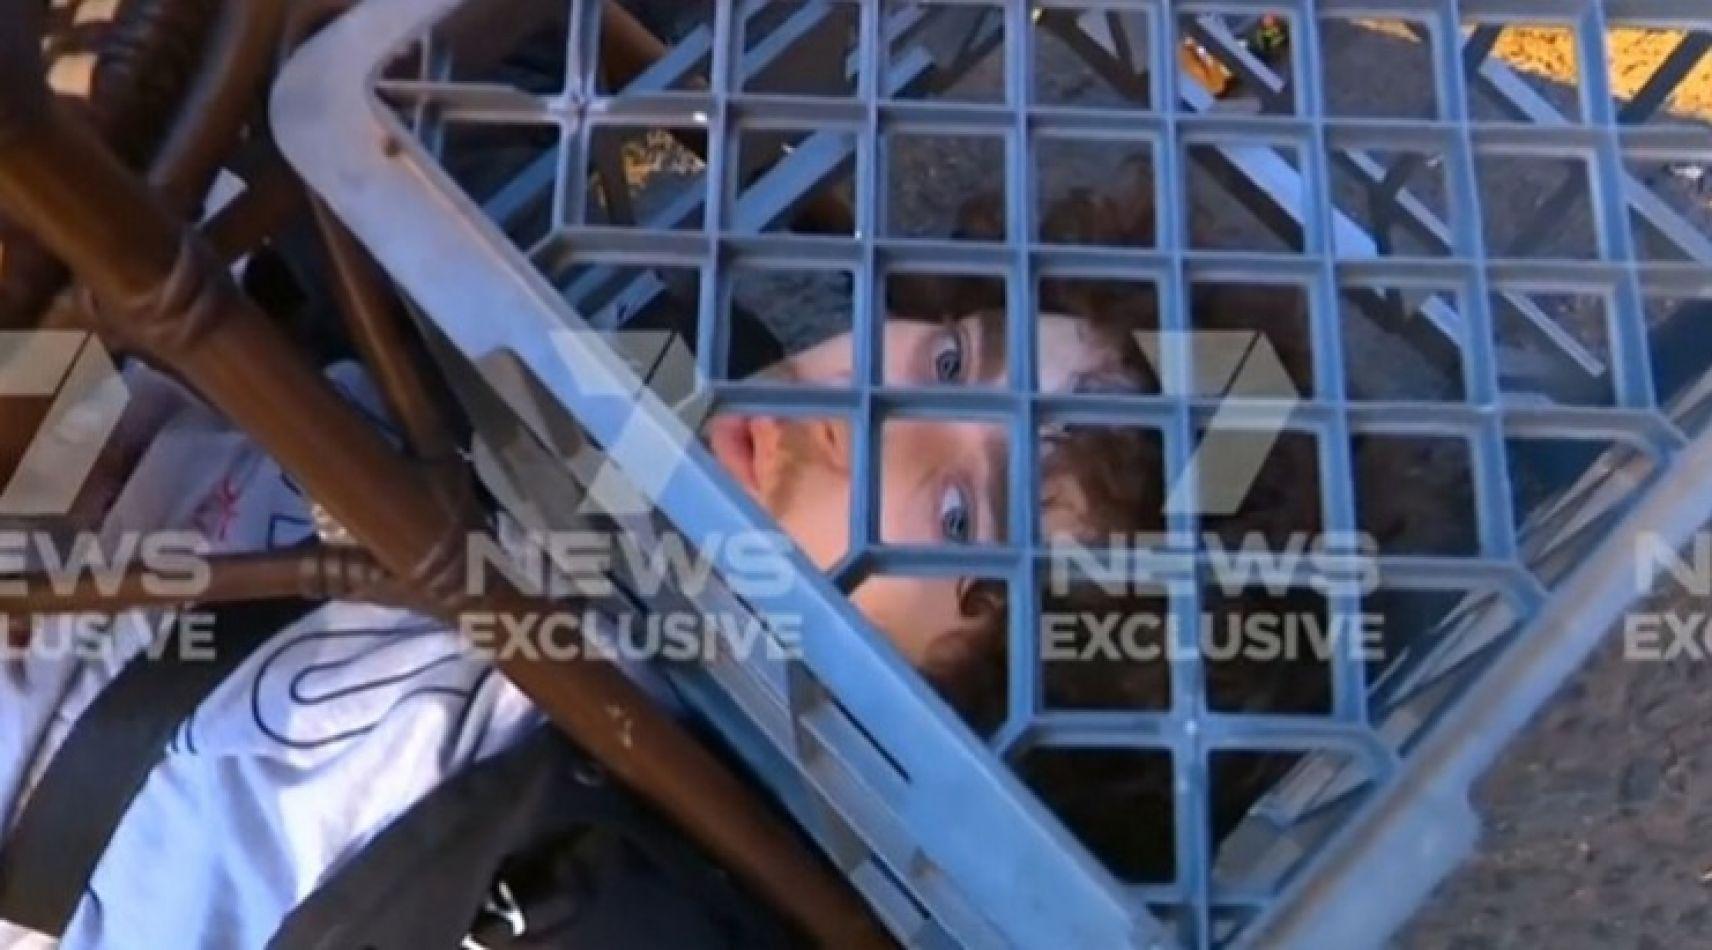 Un hombre asesinó a una mujer a puñaladas en pleno centro de Sídney e hirió a una más